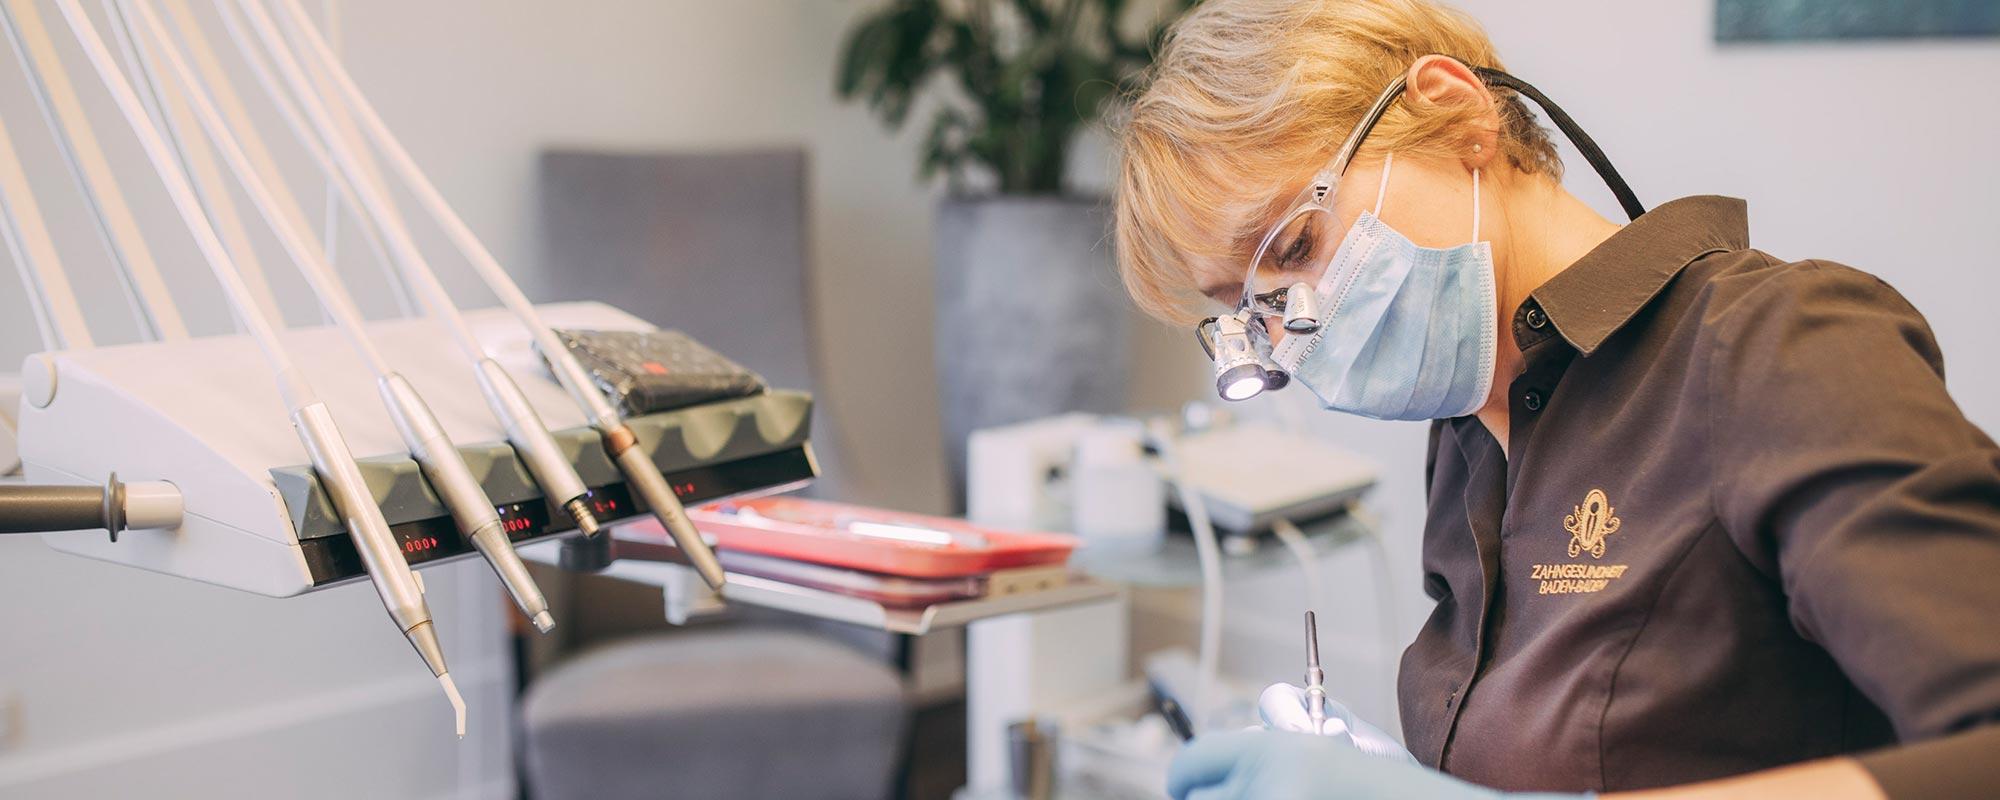 Dentalhygienikerin beugt Entzündungen mit der Prophylaxe beim Zahnarzt vor.